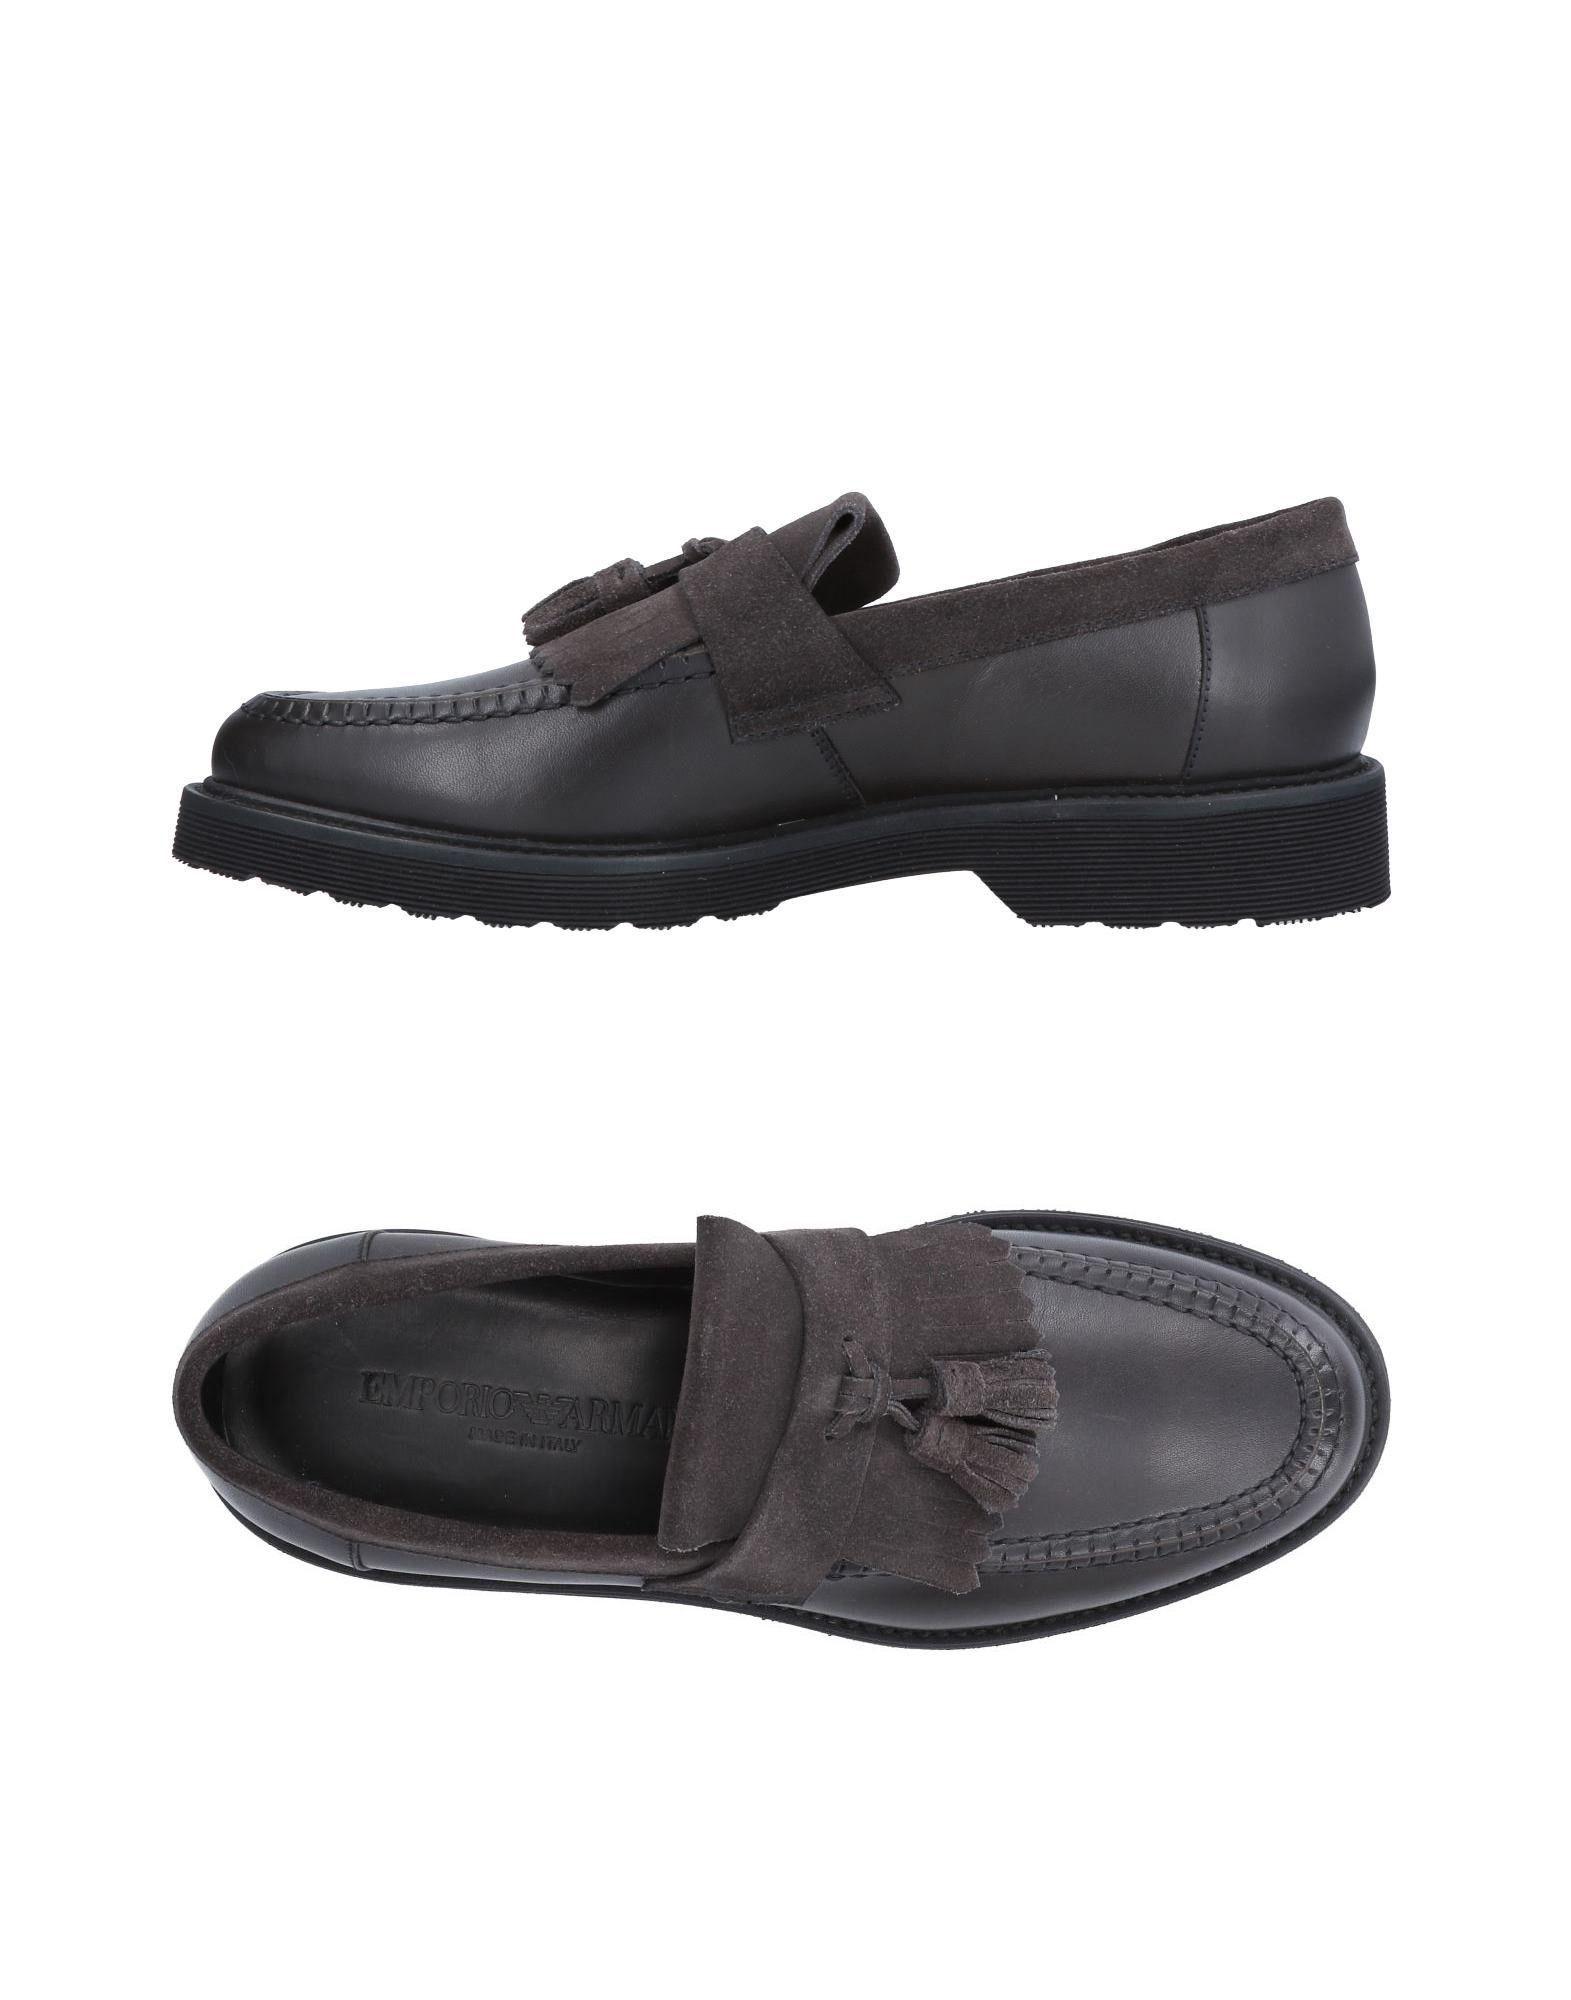 Emporio Armani Mokassins Herren  11504219MO Gute Qualität beliebte Schuhe